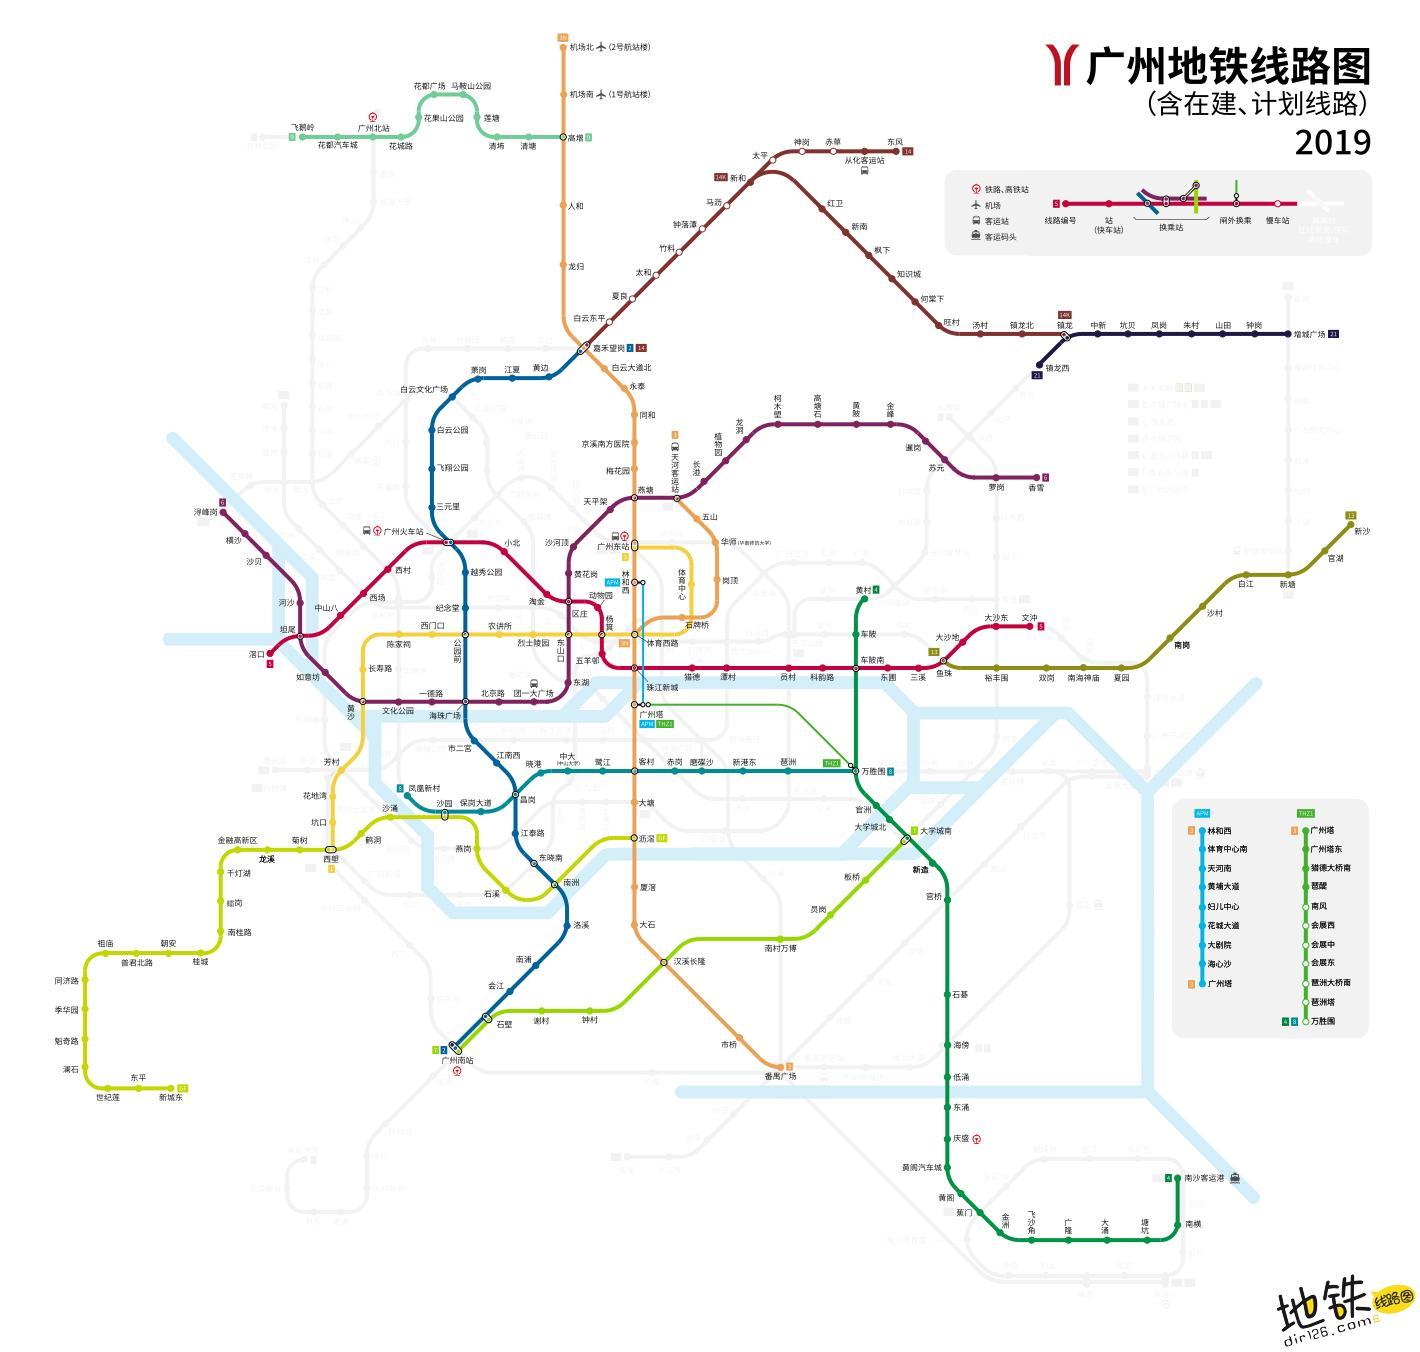 广州地铁线路图 运营时间票价站点 查询下载 广州地铁线路查询 广州地铁线路图 广州地铁票价 广州地铁运营时间 广州地铁 广州地铁线路图  第1张